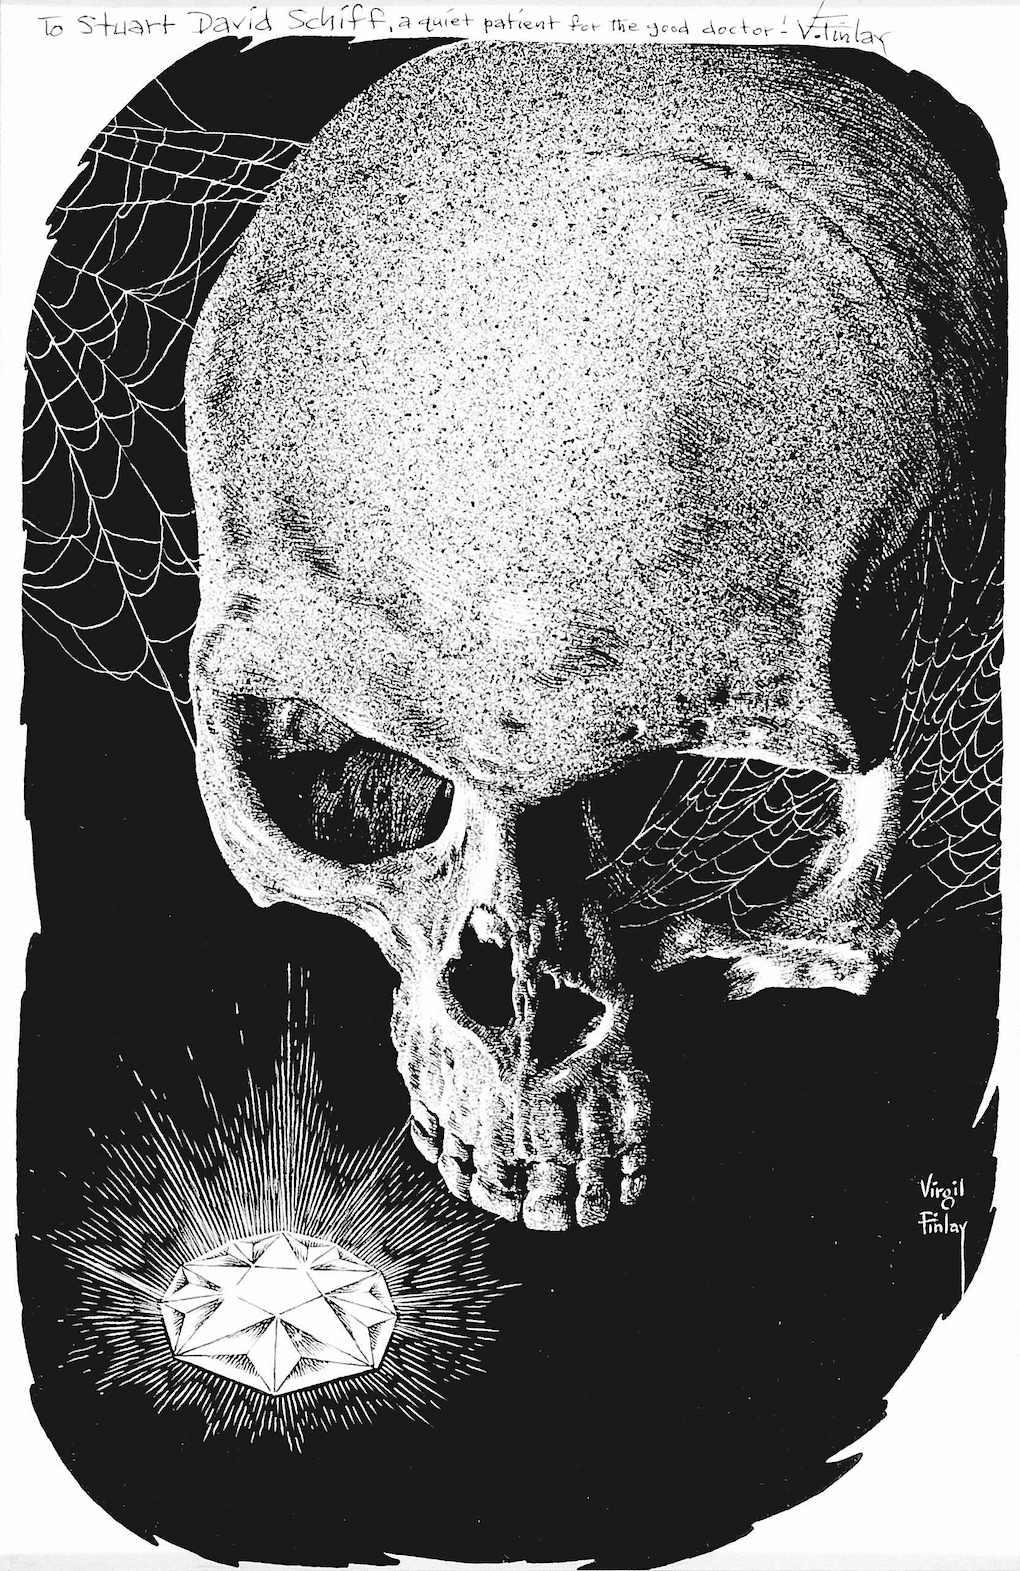 Virgil Finlay, a skull